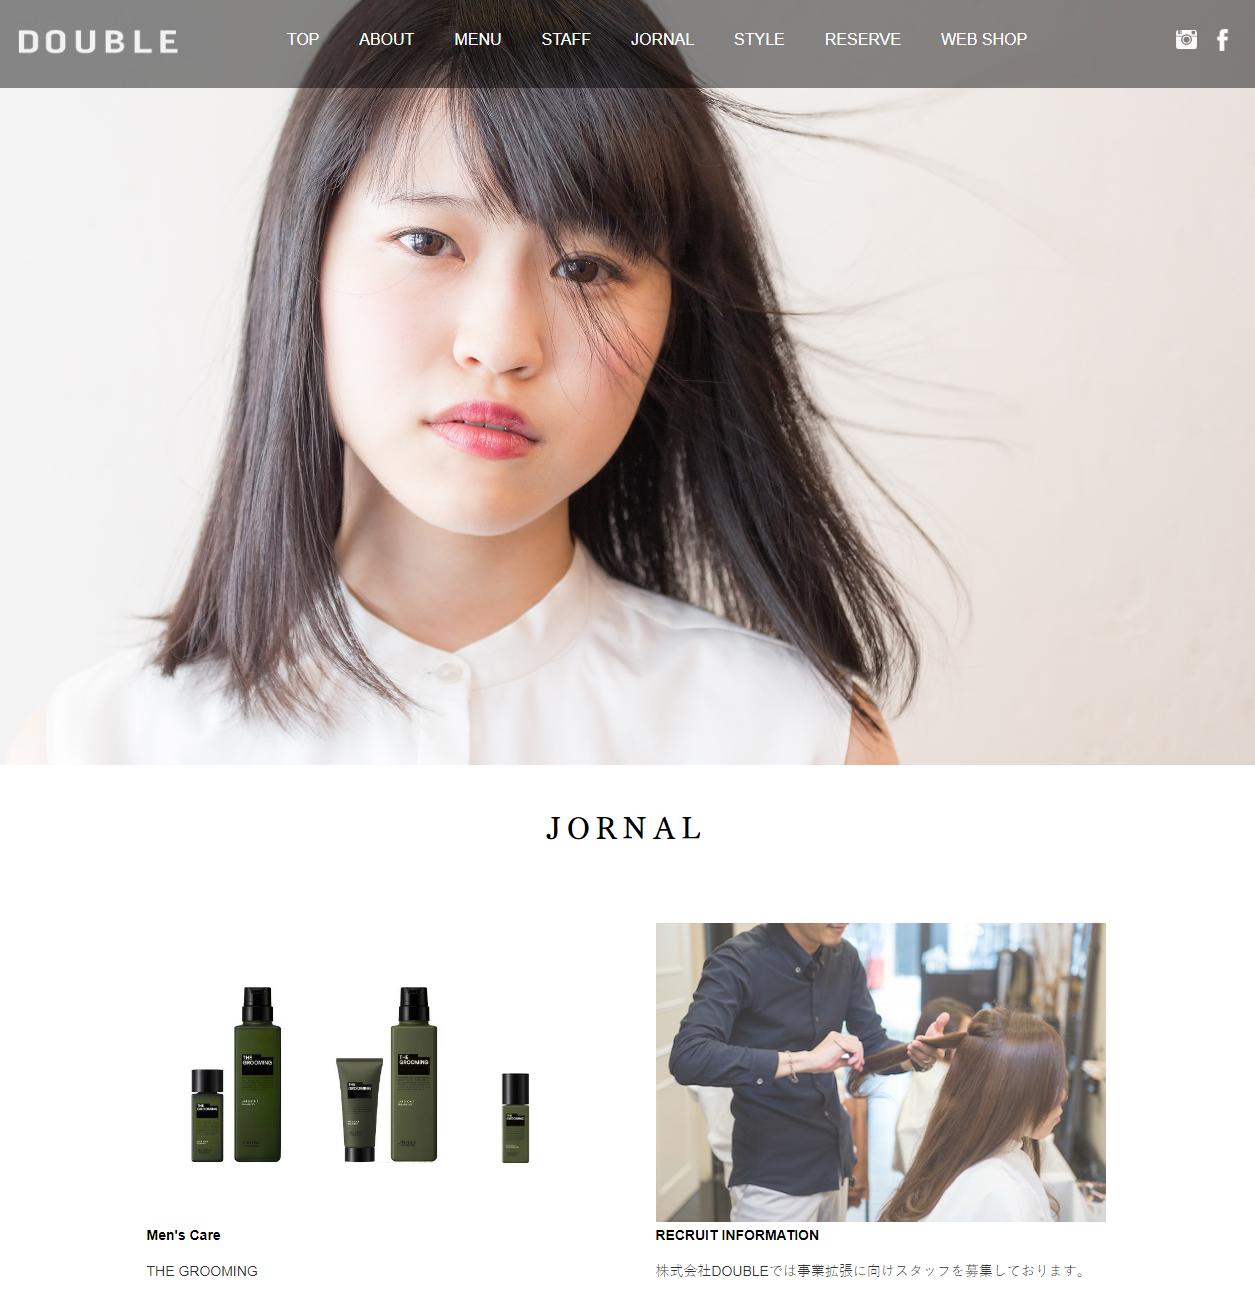 サロン「DOUBLE」ウェブサイトのトップページ